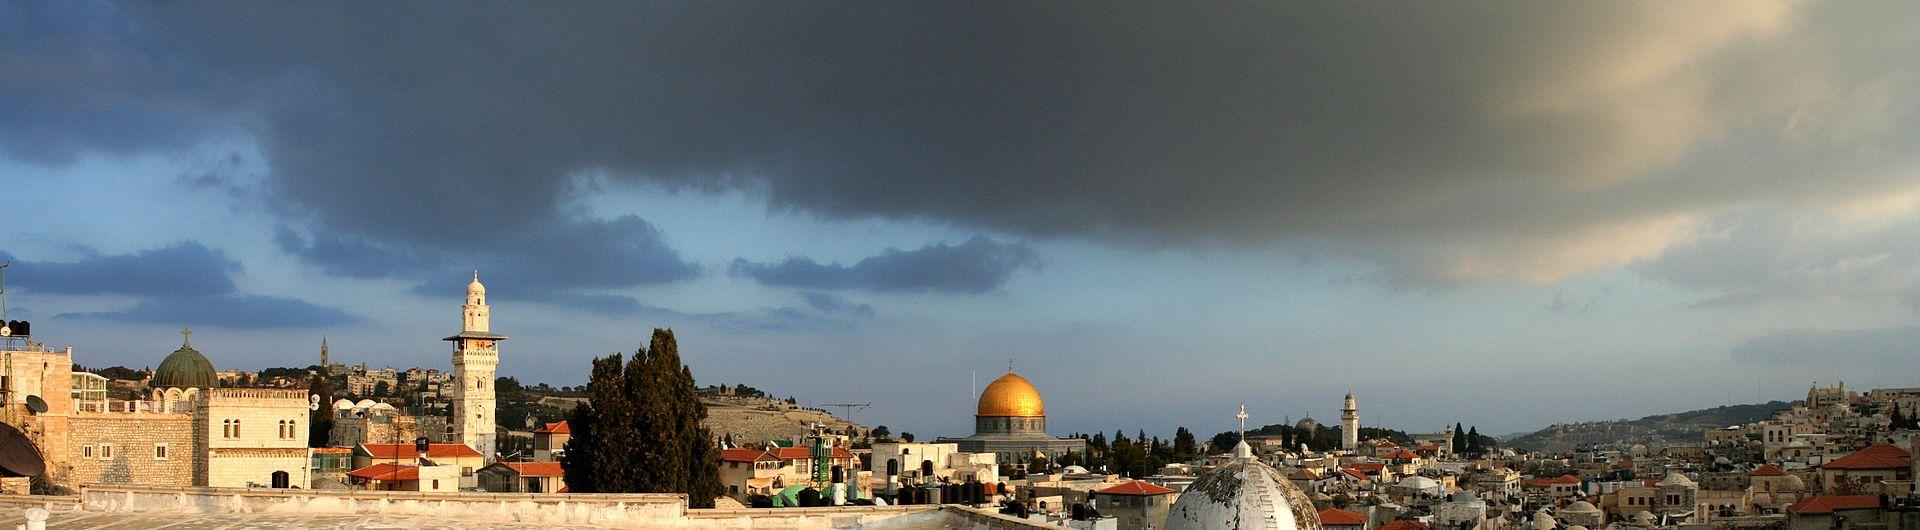 مشهد عام لمدينة القدس